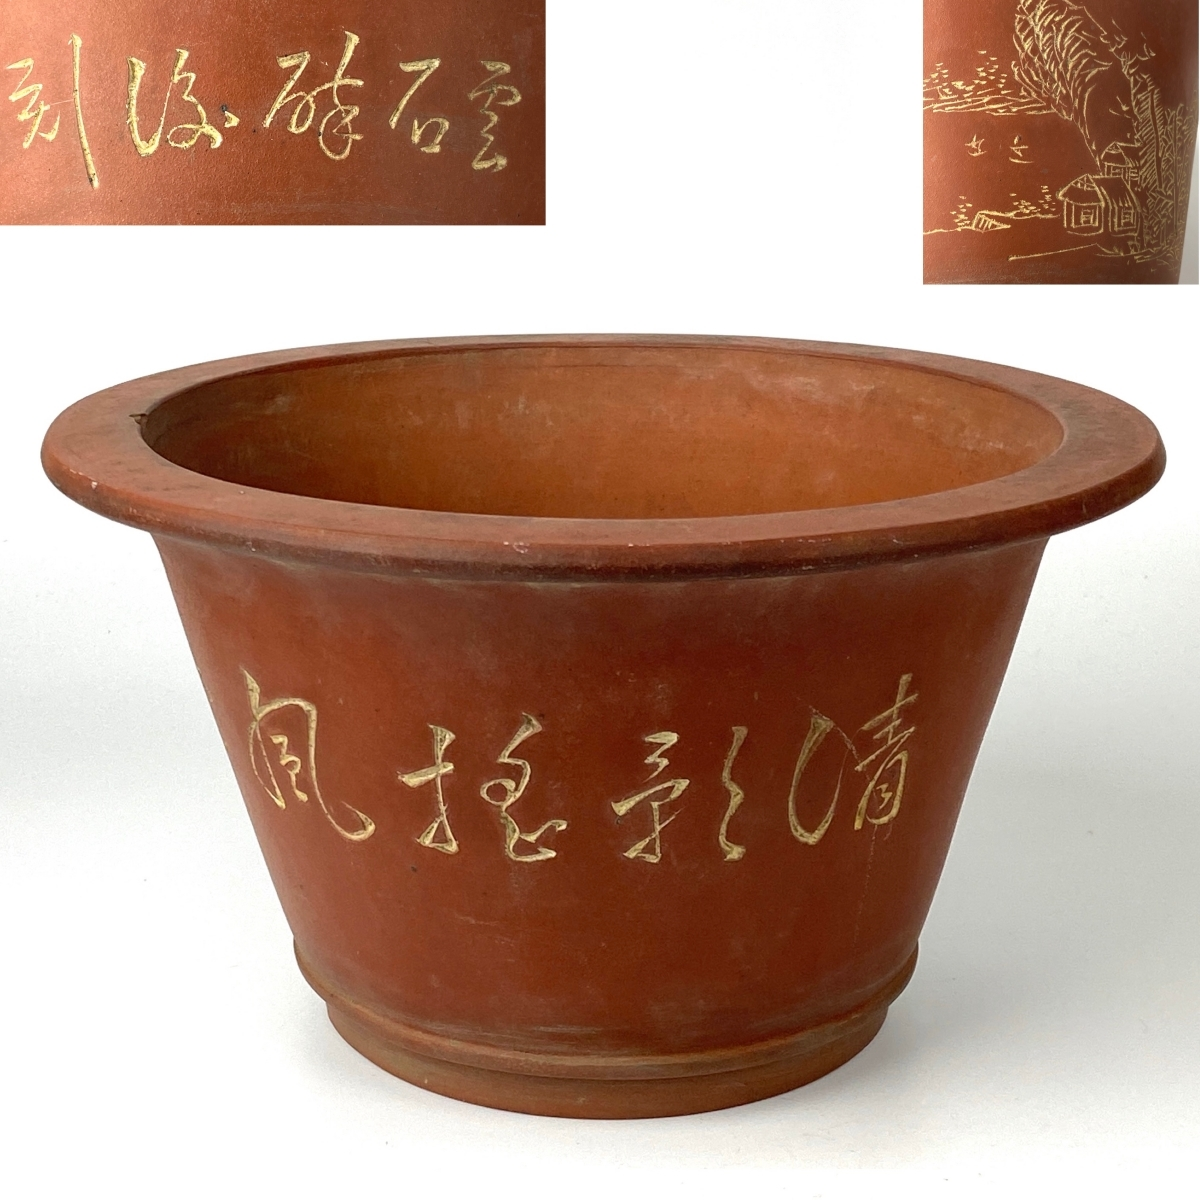 【春】唐物 朱泥 植木鉢 雲石刻 盆栽鉢盆器蘭鉢紫砂 U-6